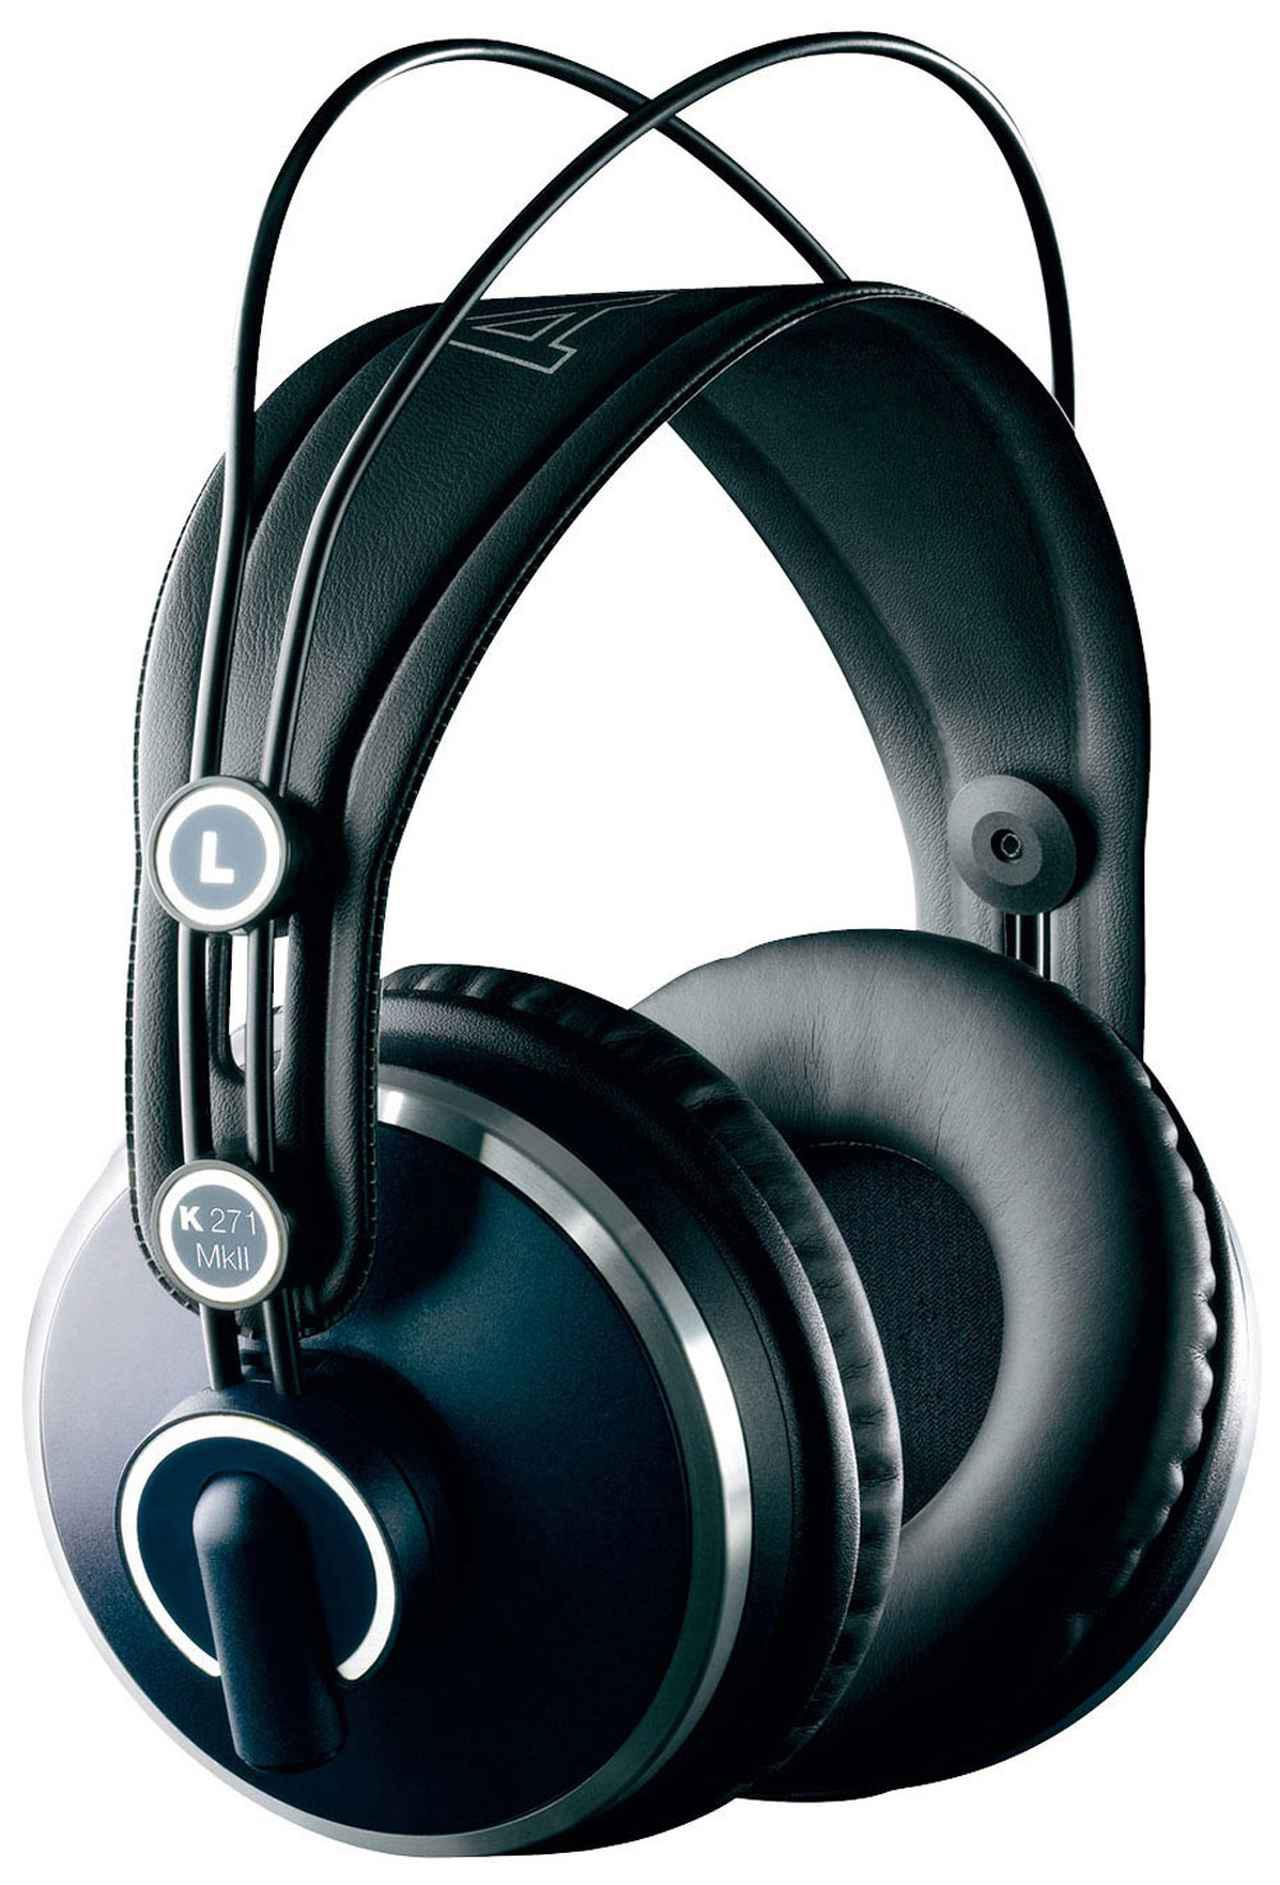 画像7: ヒビノ、AKGのプロフェッショナル・ヘッドホンに独自の保証を追加した3年保証モデル「K812-Y3」ほか全7機種を4月24日より順次発売